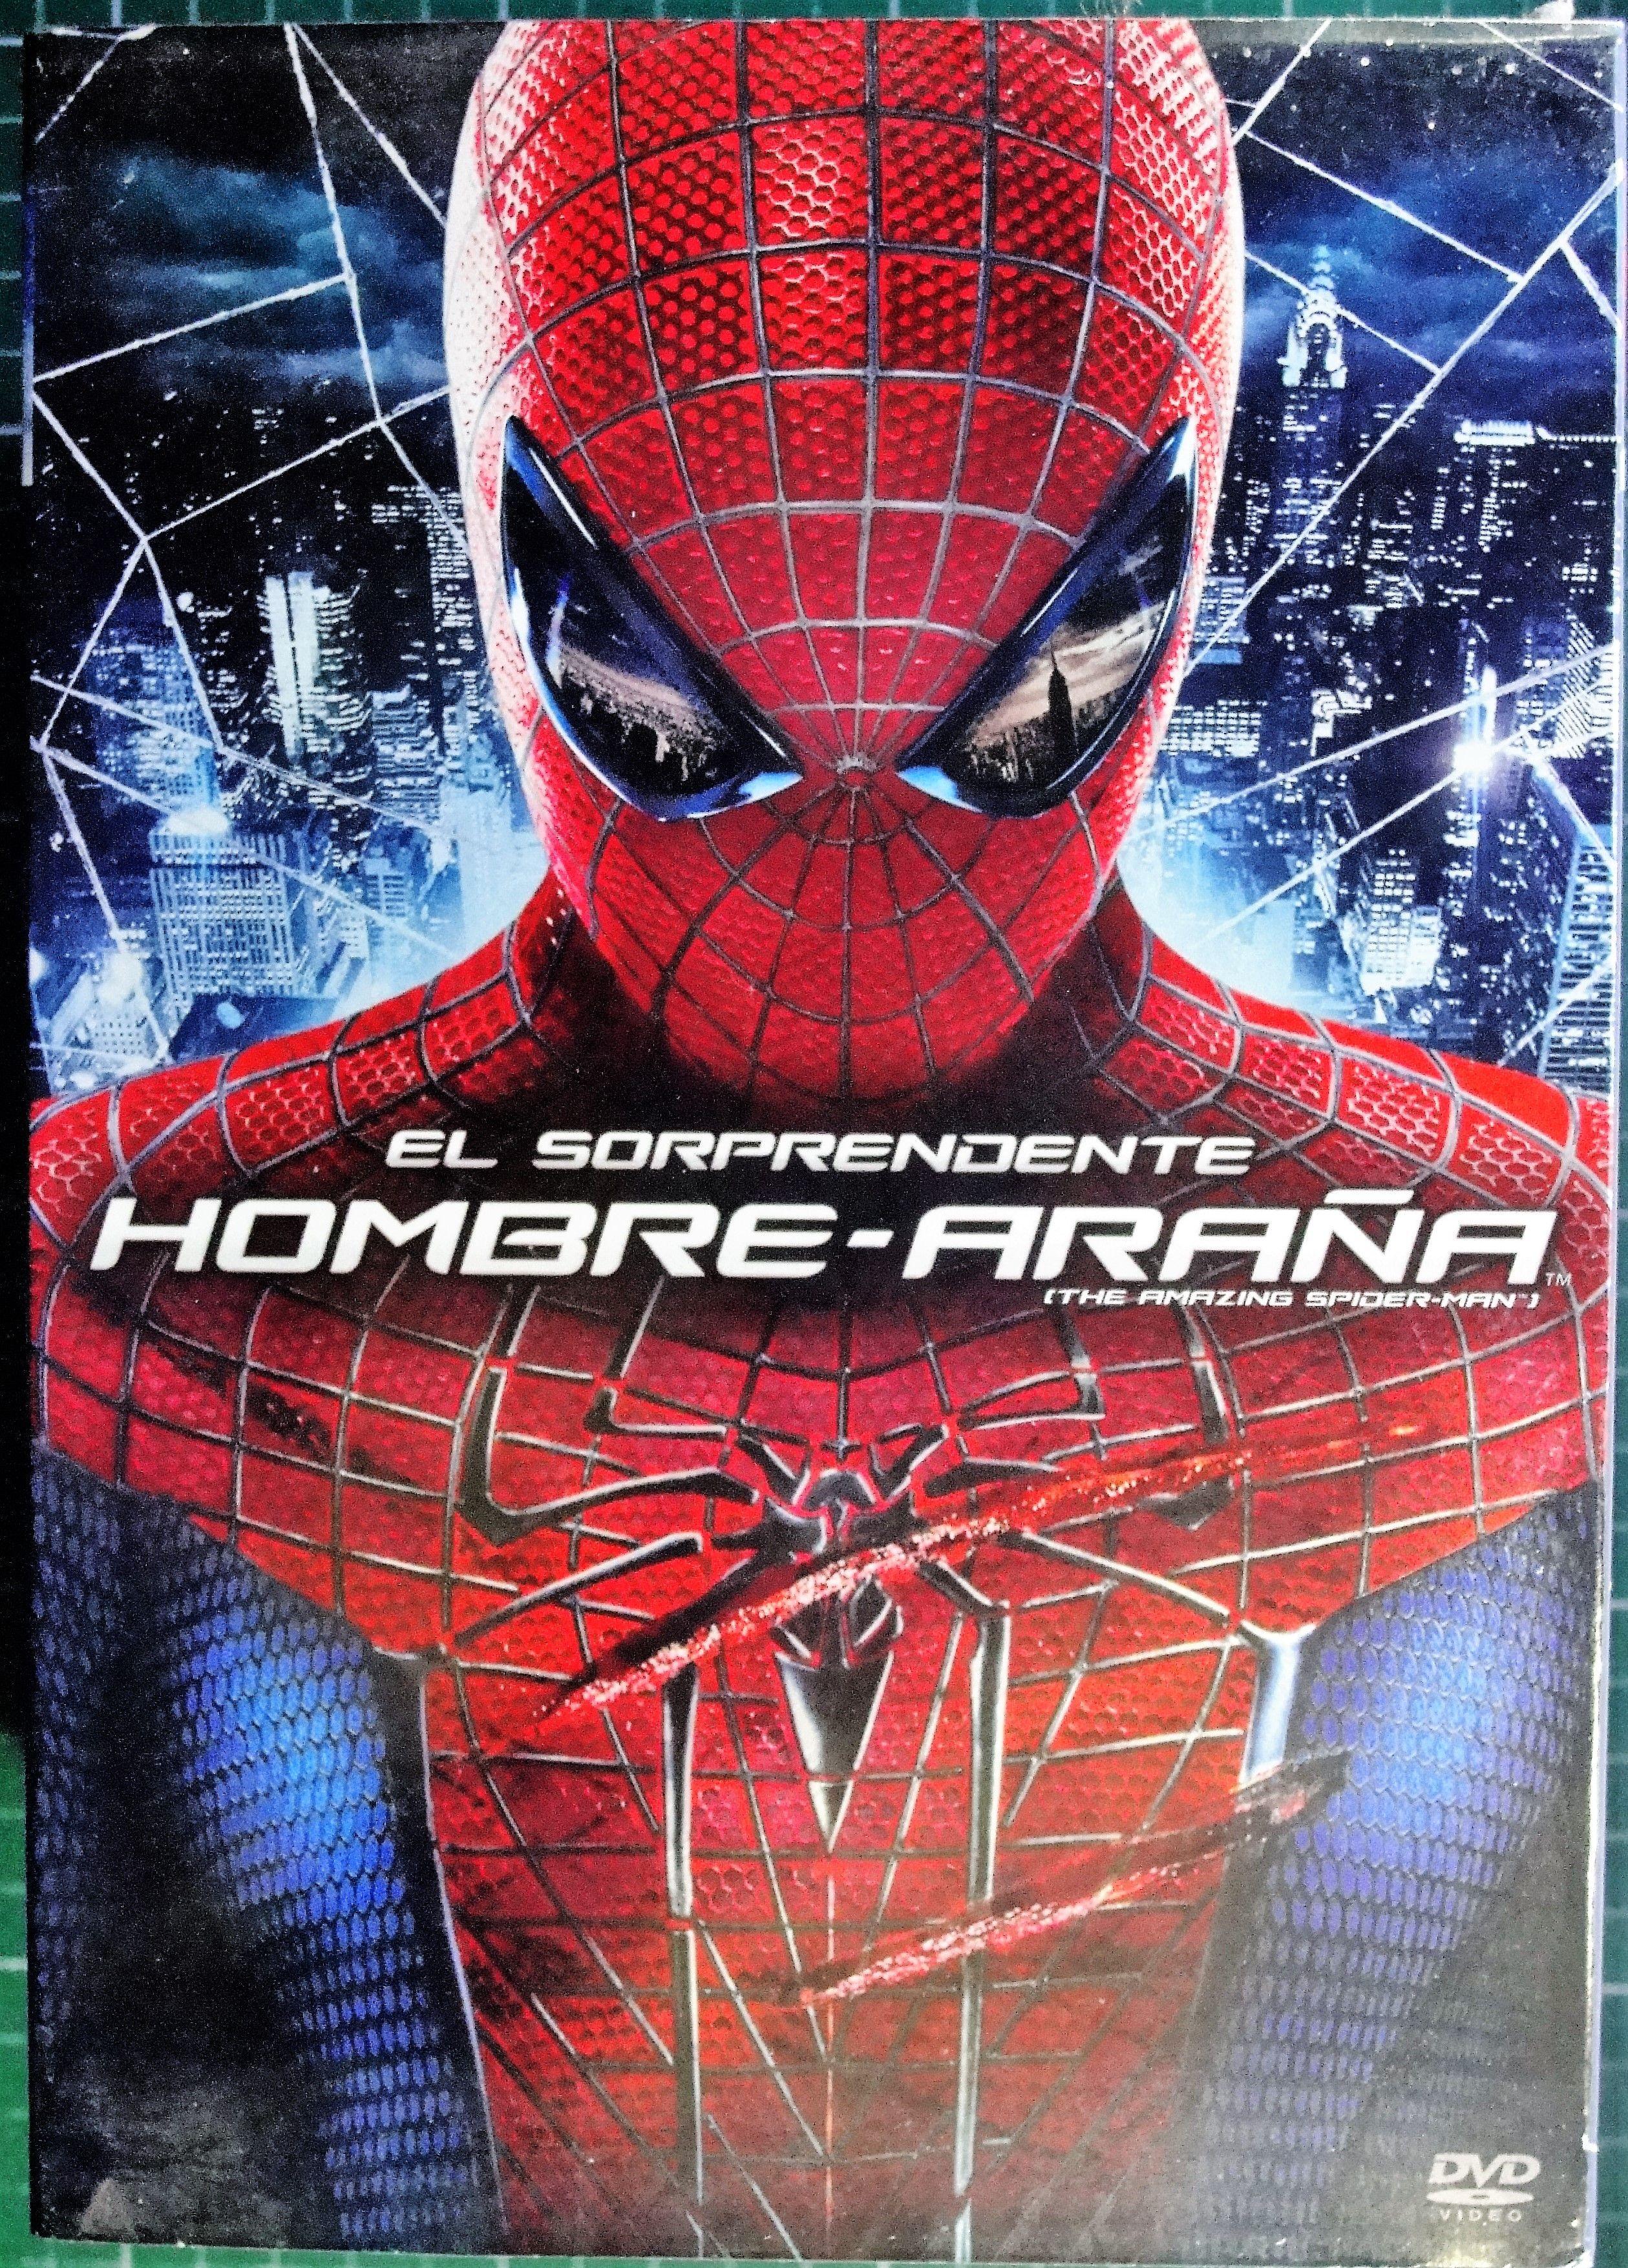 El Sorprendente Hombre Arana 1 Amazing Spider Amazing Spiderman Spiderman